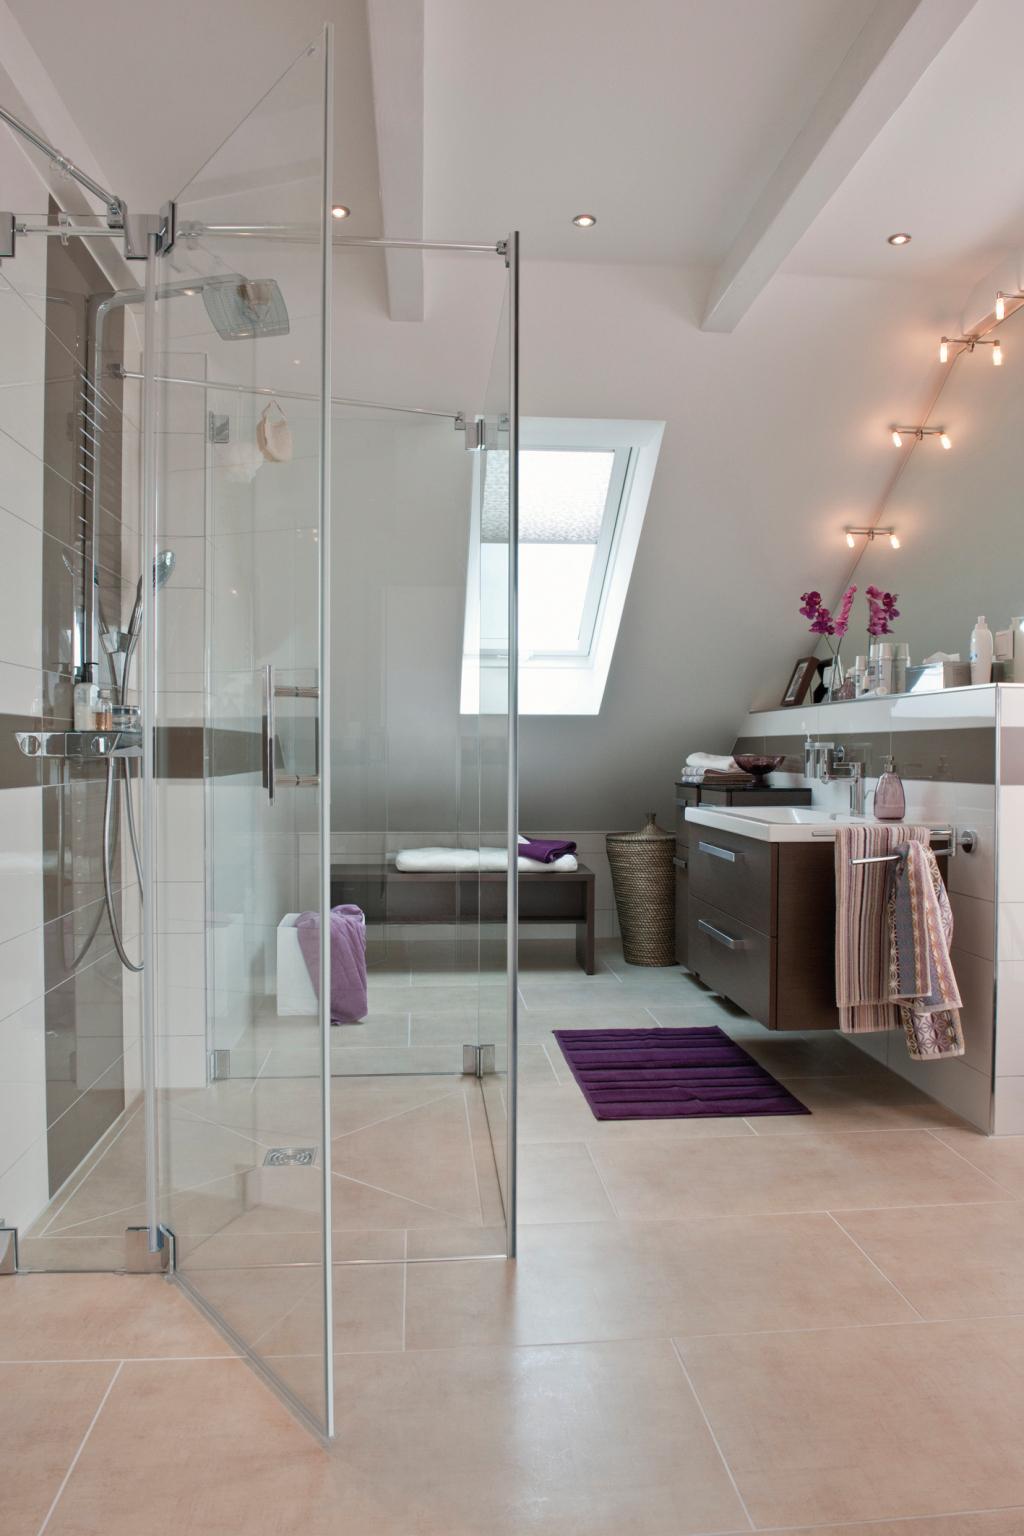 Dank der richtig verwendeten Baustoffe: Ein kleines modern eingerichtetes Badezimmer, ohne Schimmelbildung.